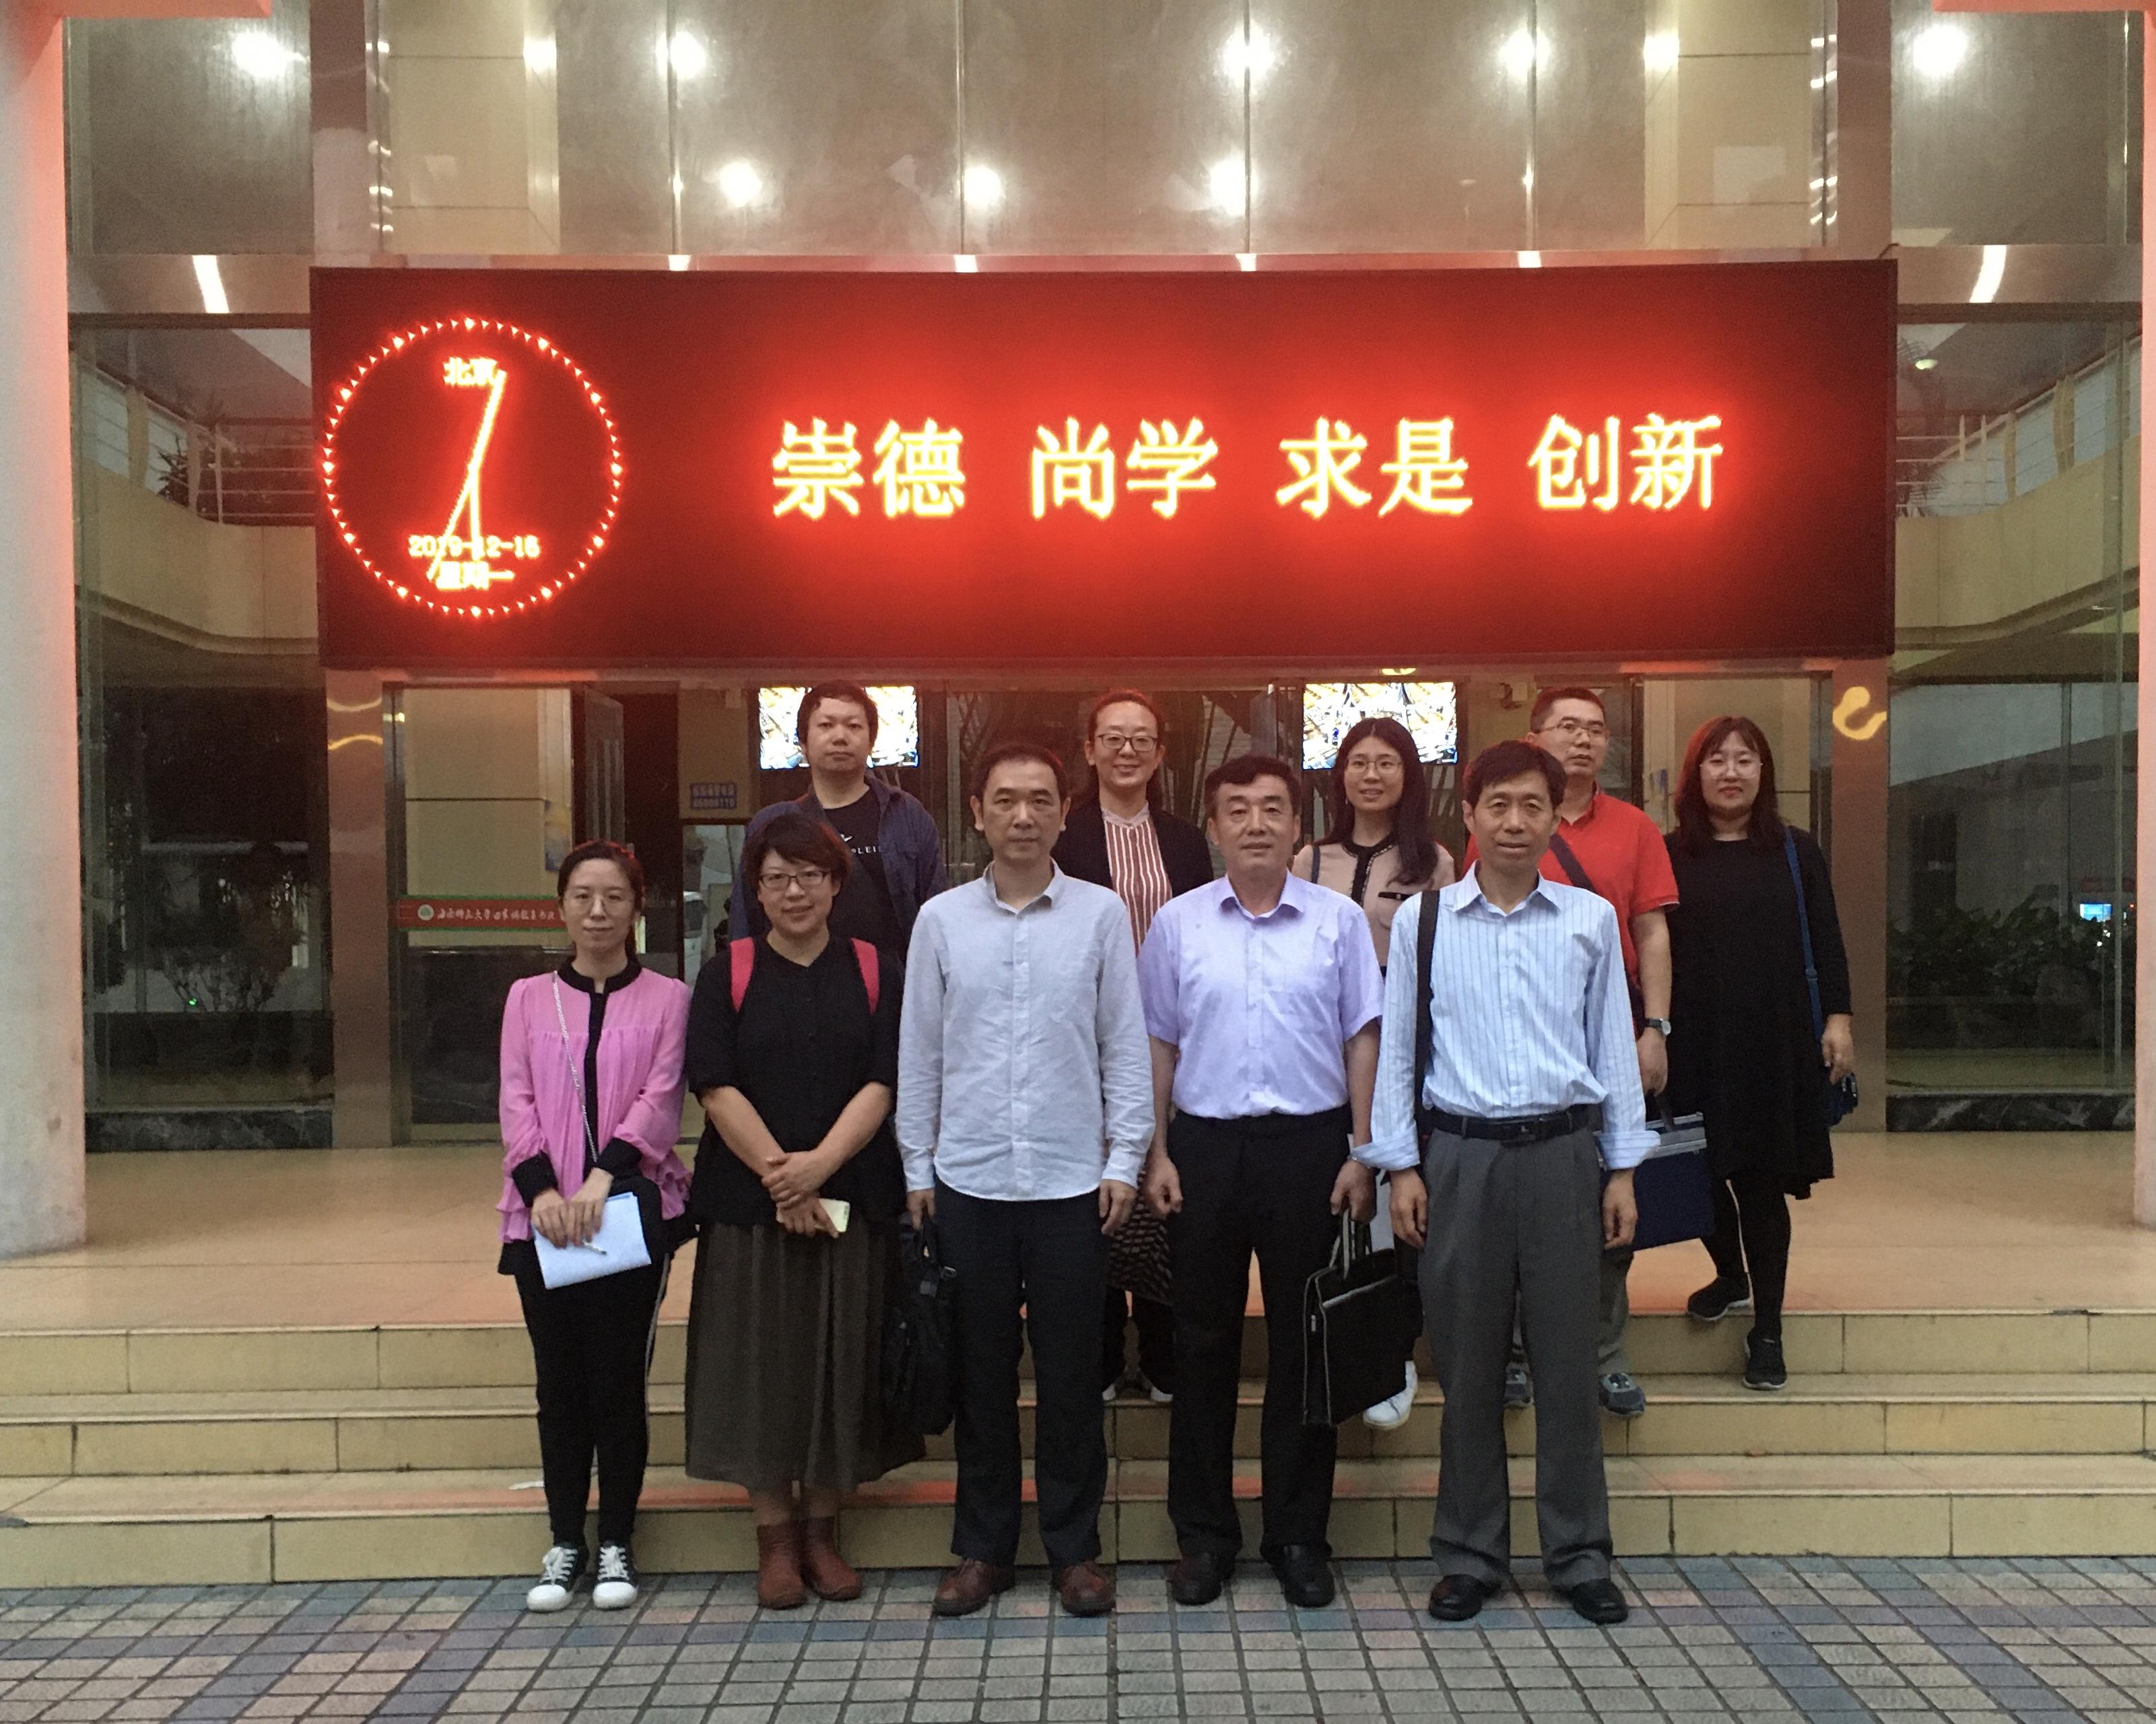 內蒙古民族大學馬克思主義學院老師來我校馬克思主義學院交流